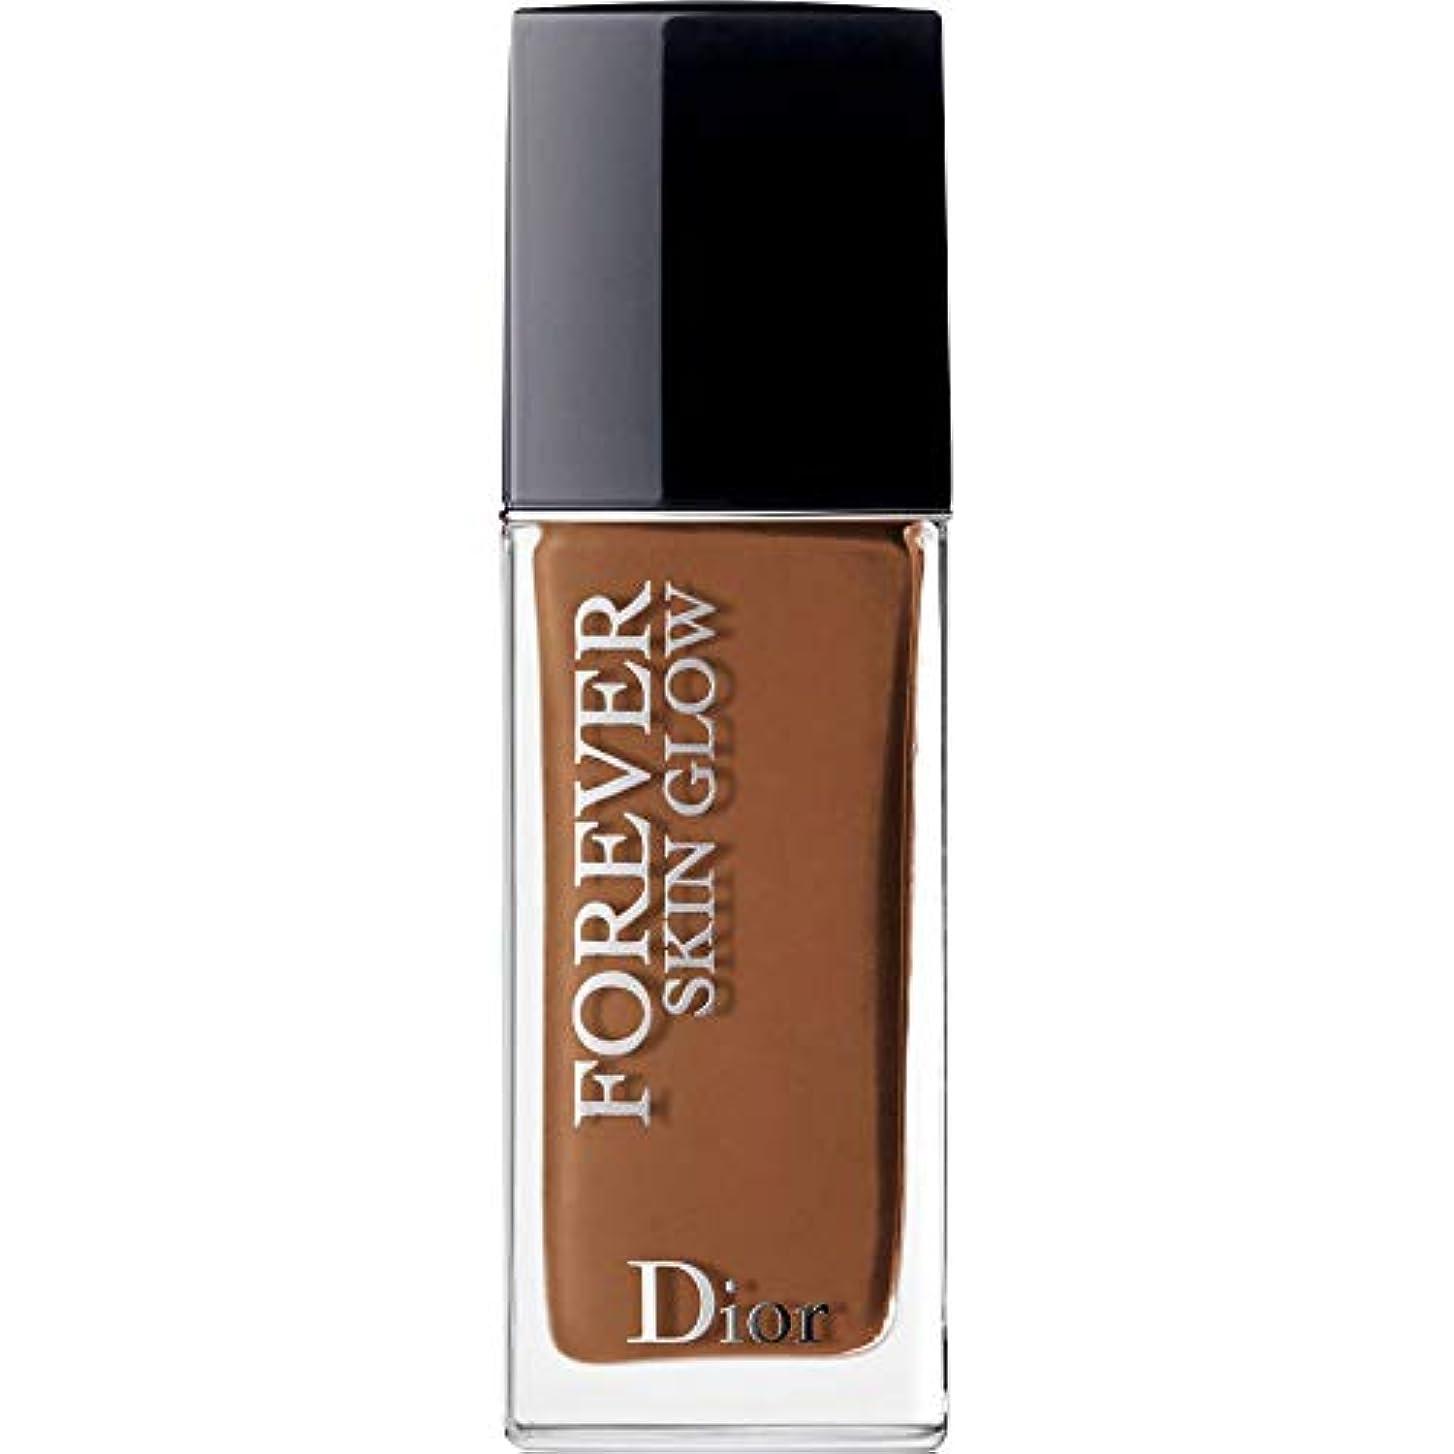 警戒氷渇き[Dior ] ディオール永遠に皮膚グロー皮膚思いやりの基礎Spf35 30ミリリットルの8N - ニュートラル(肌の輝き) - DIOR Forever Skin Glow Skin-Caring Foundation...